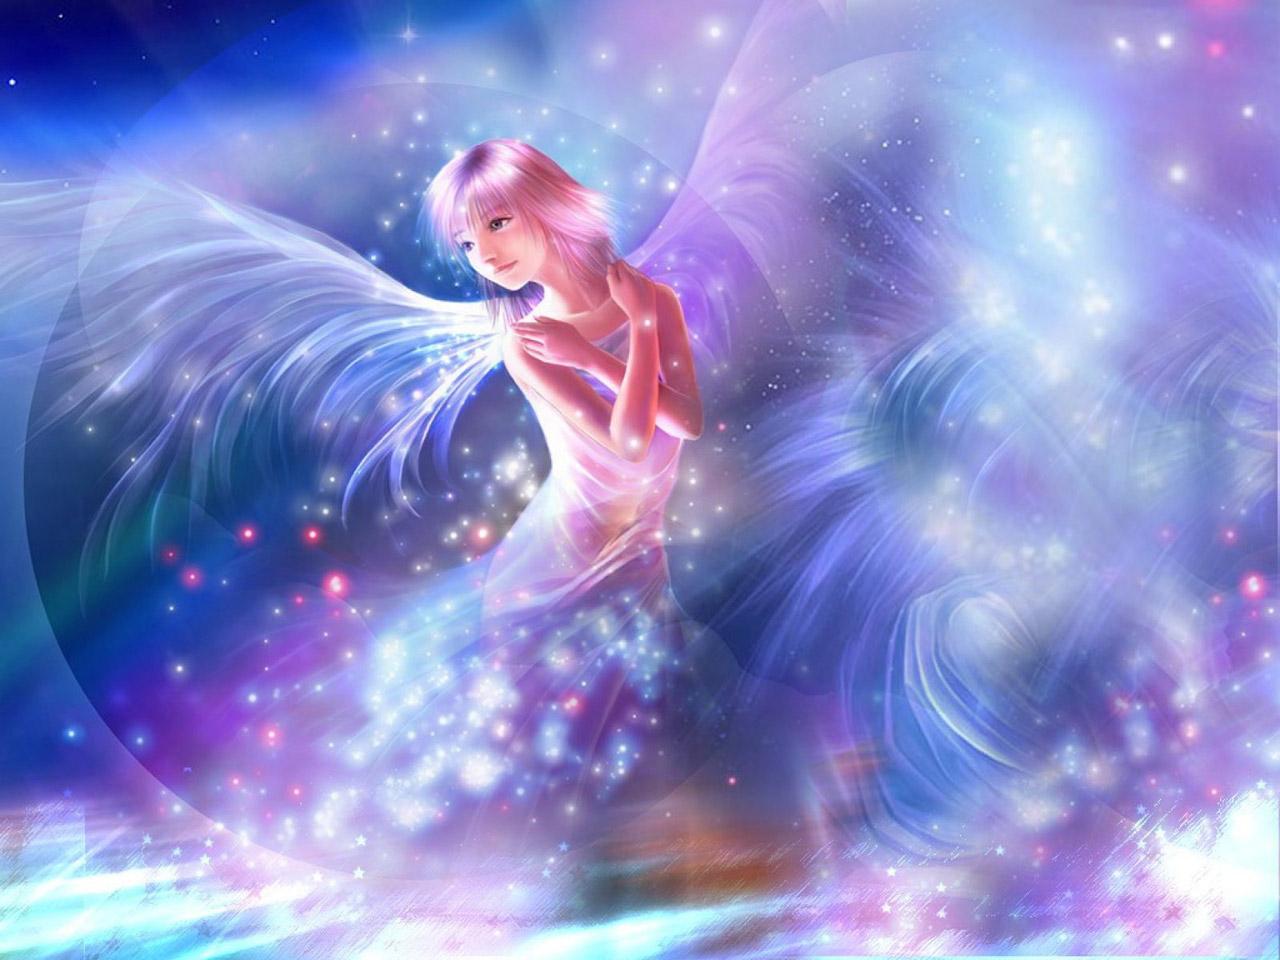 desktop wallpaper of Shining Angel   Fantasy 1280x960